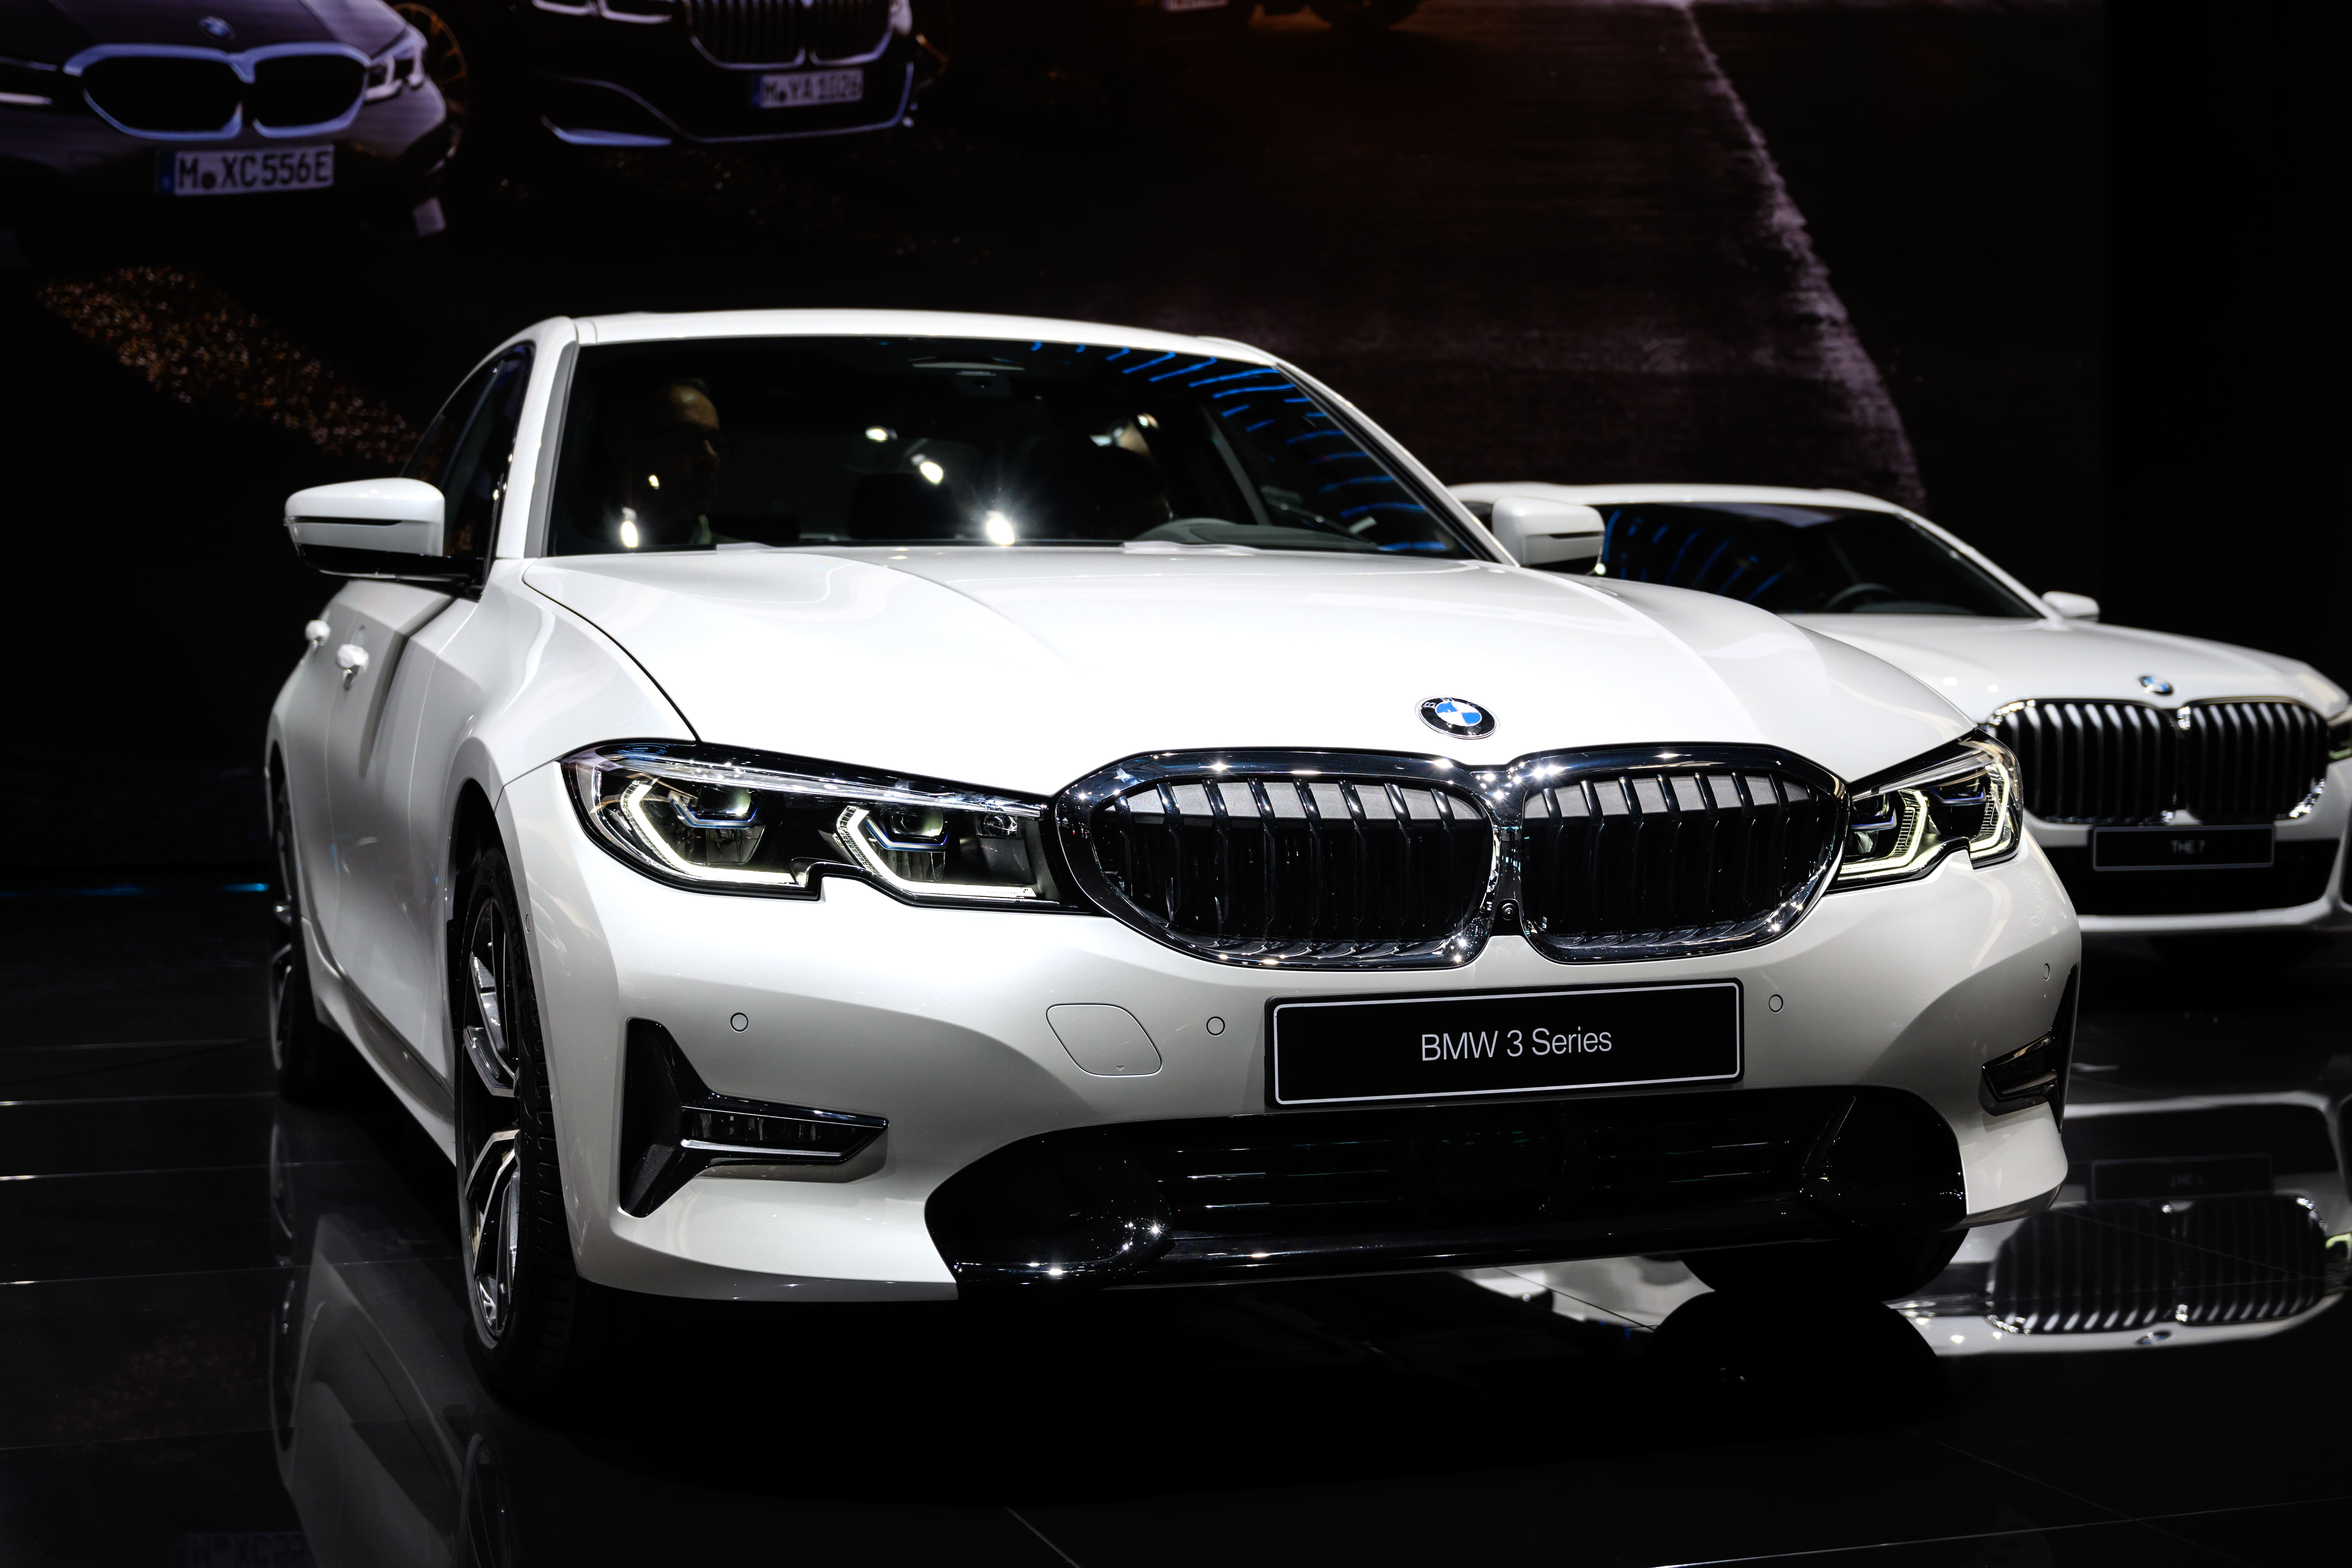 航続距離1200kmは本当か?BMW クリーンディーゼルのメリット・デメリットとは? サムネイル画像`